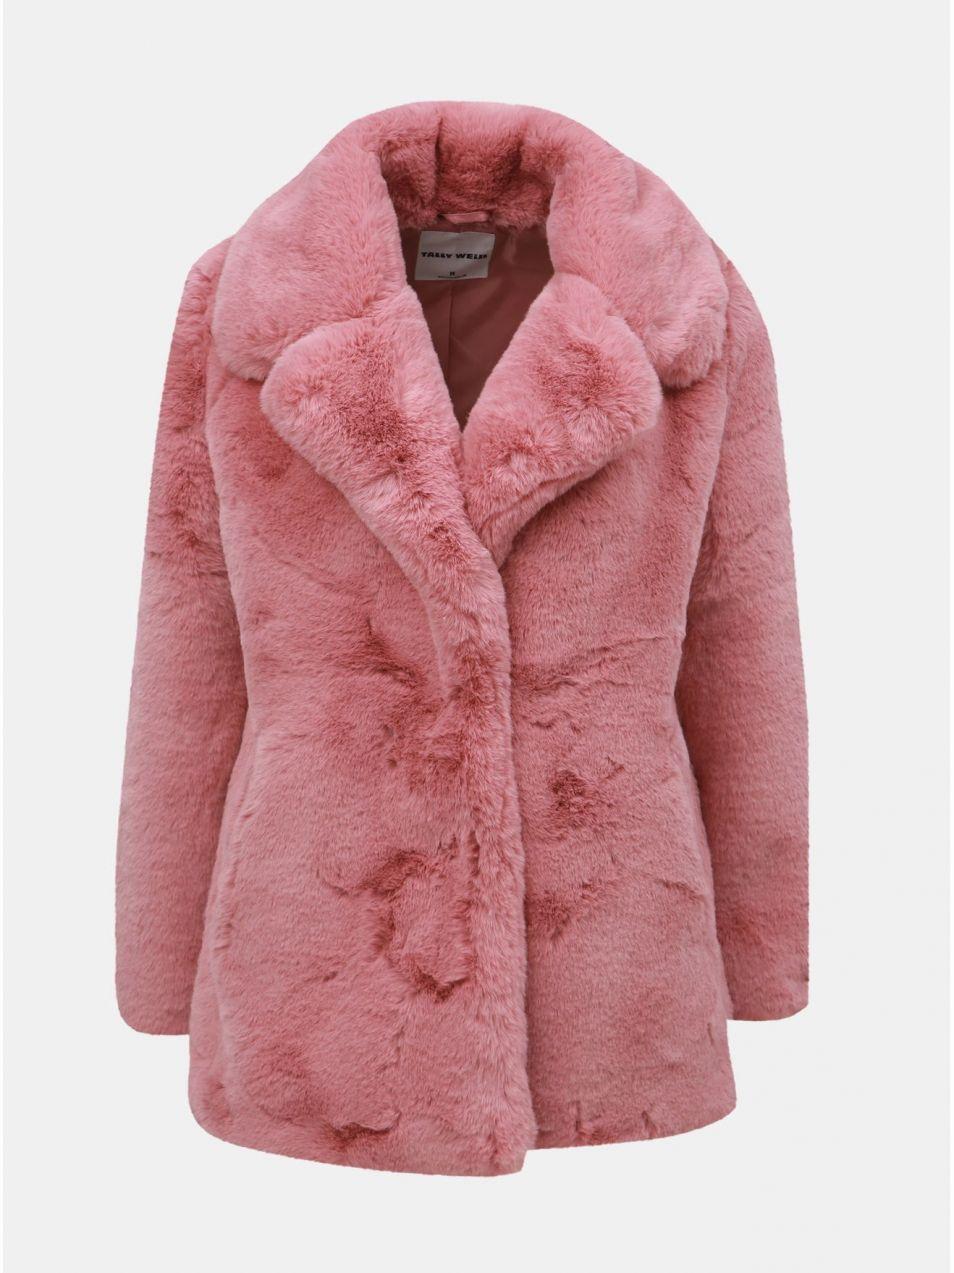 Staroružový krátky kabát z umelej kožušinky TALLY WEiJL značky TALLY ... d385b564875